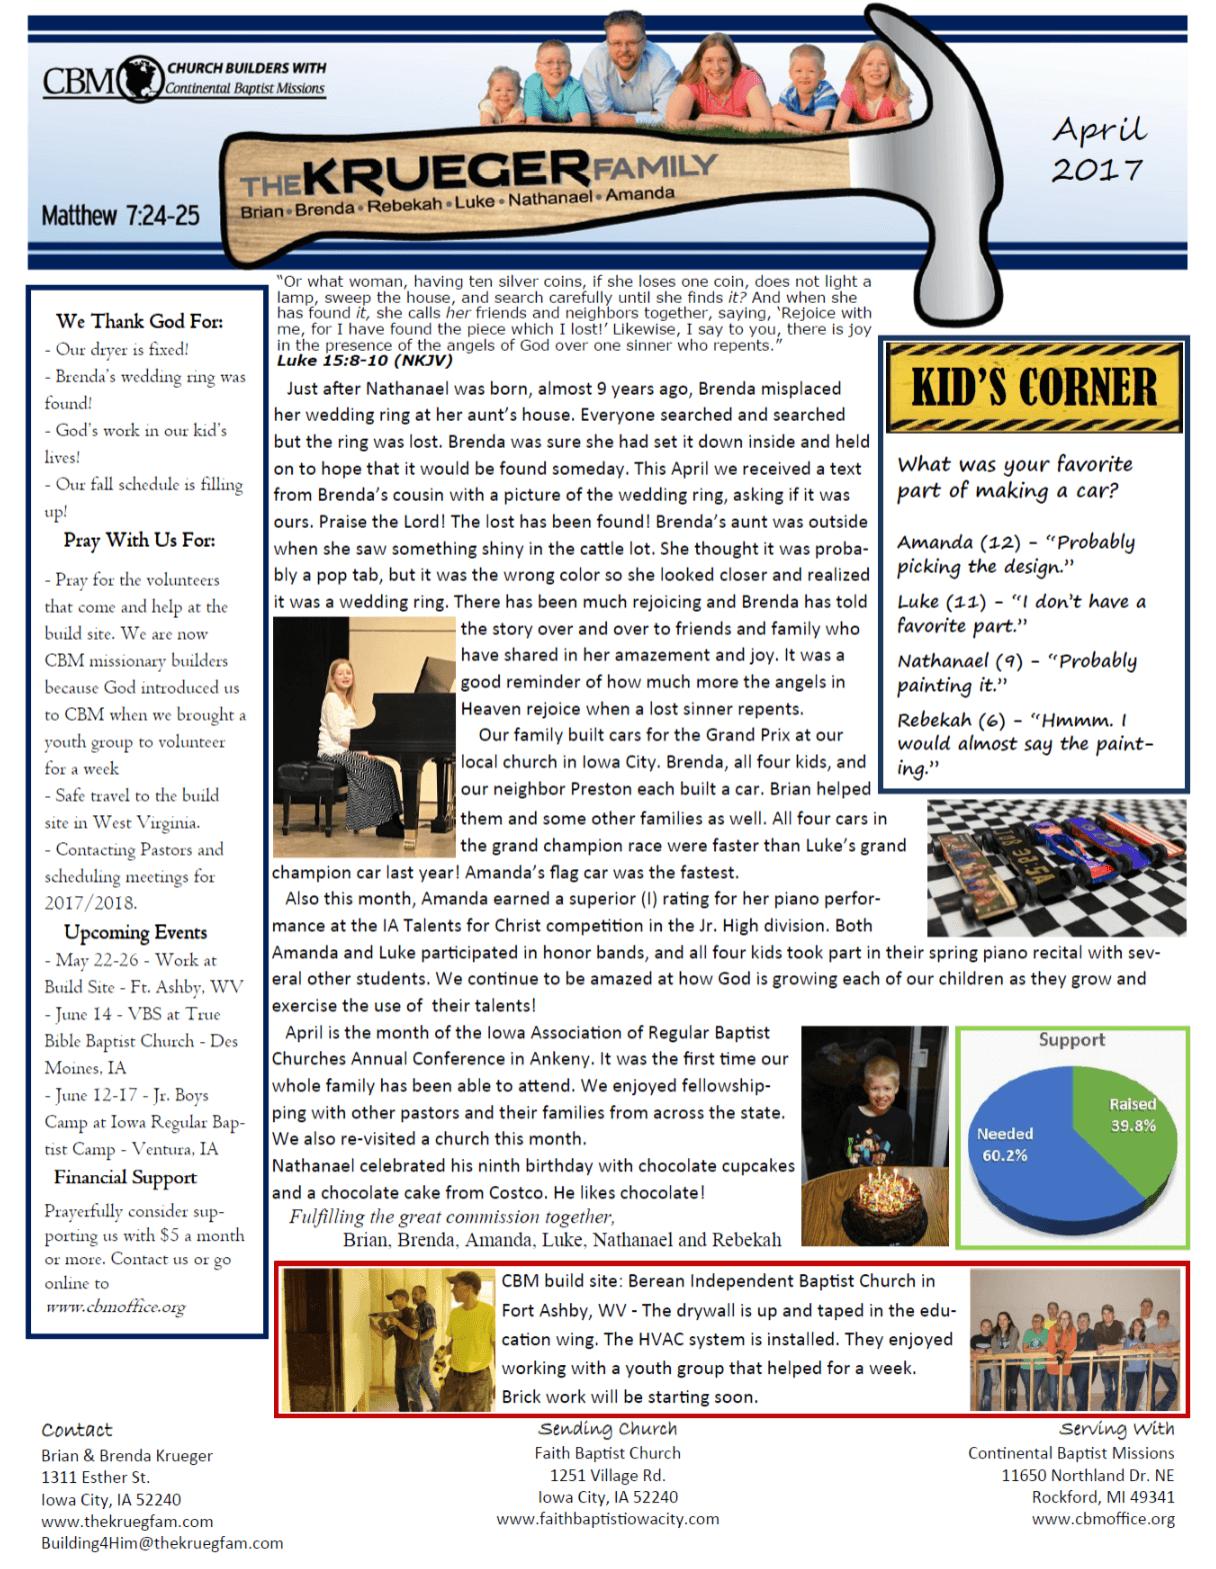 The Krueger Family's old newsletter layout